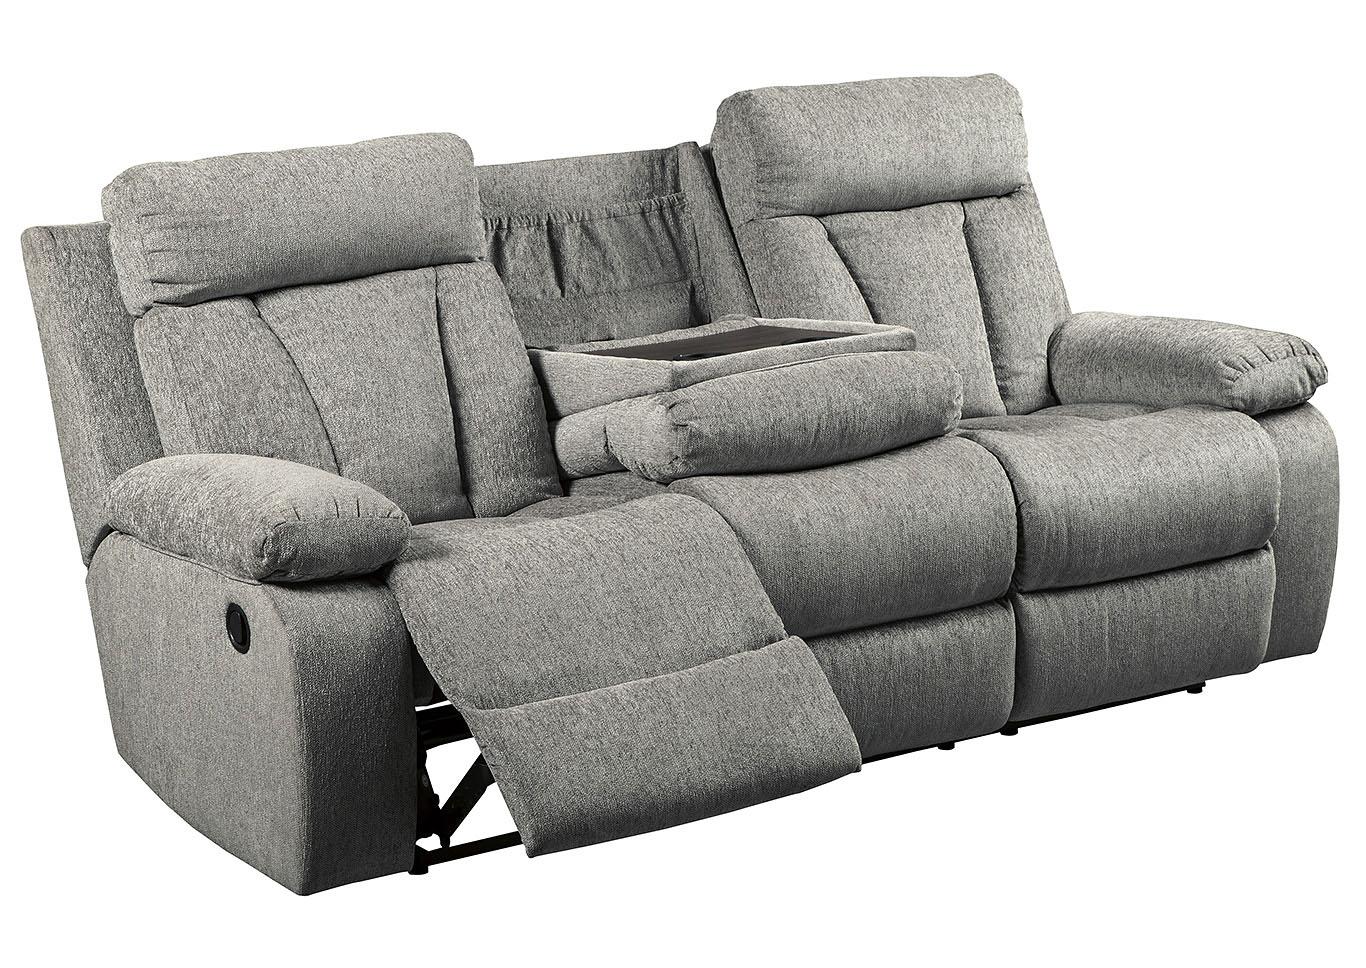 Furniture Deals 40 Highway